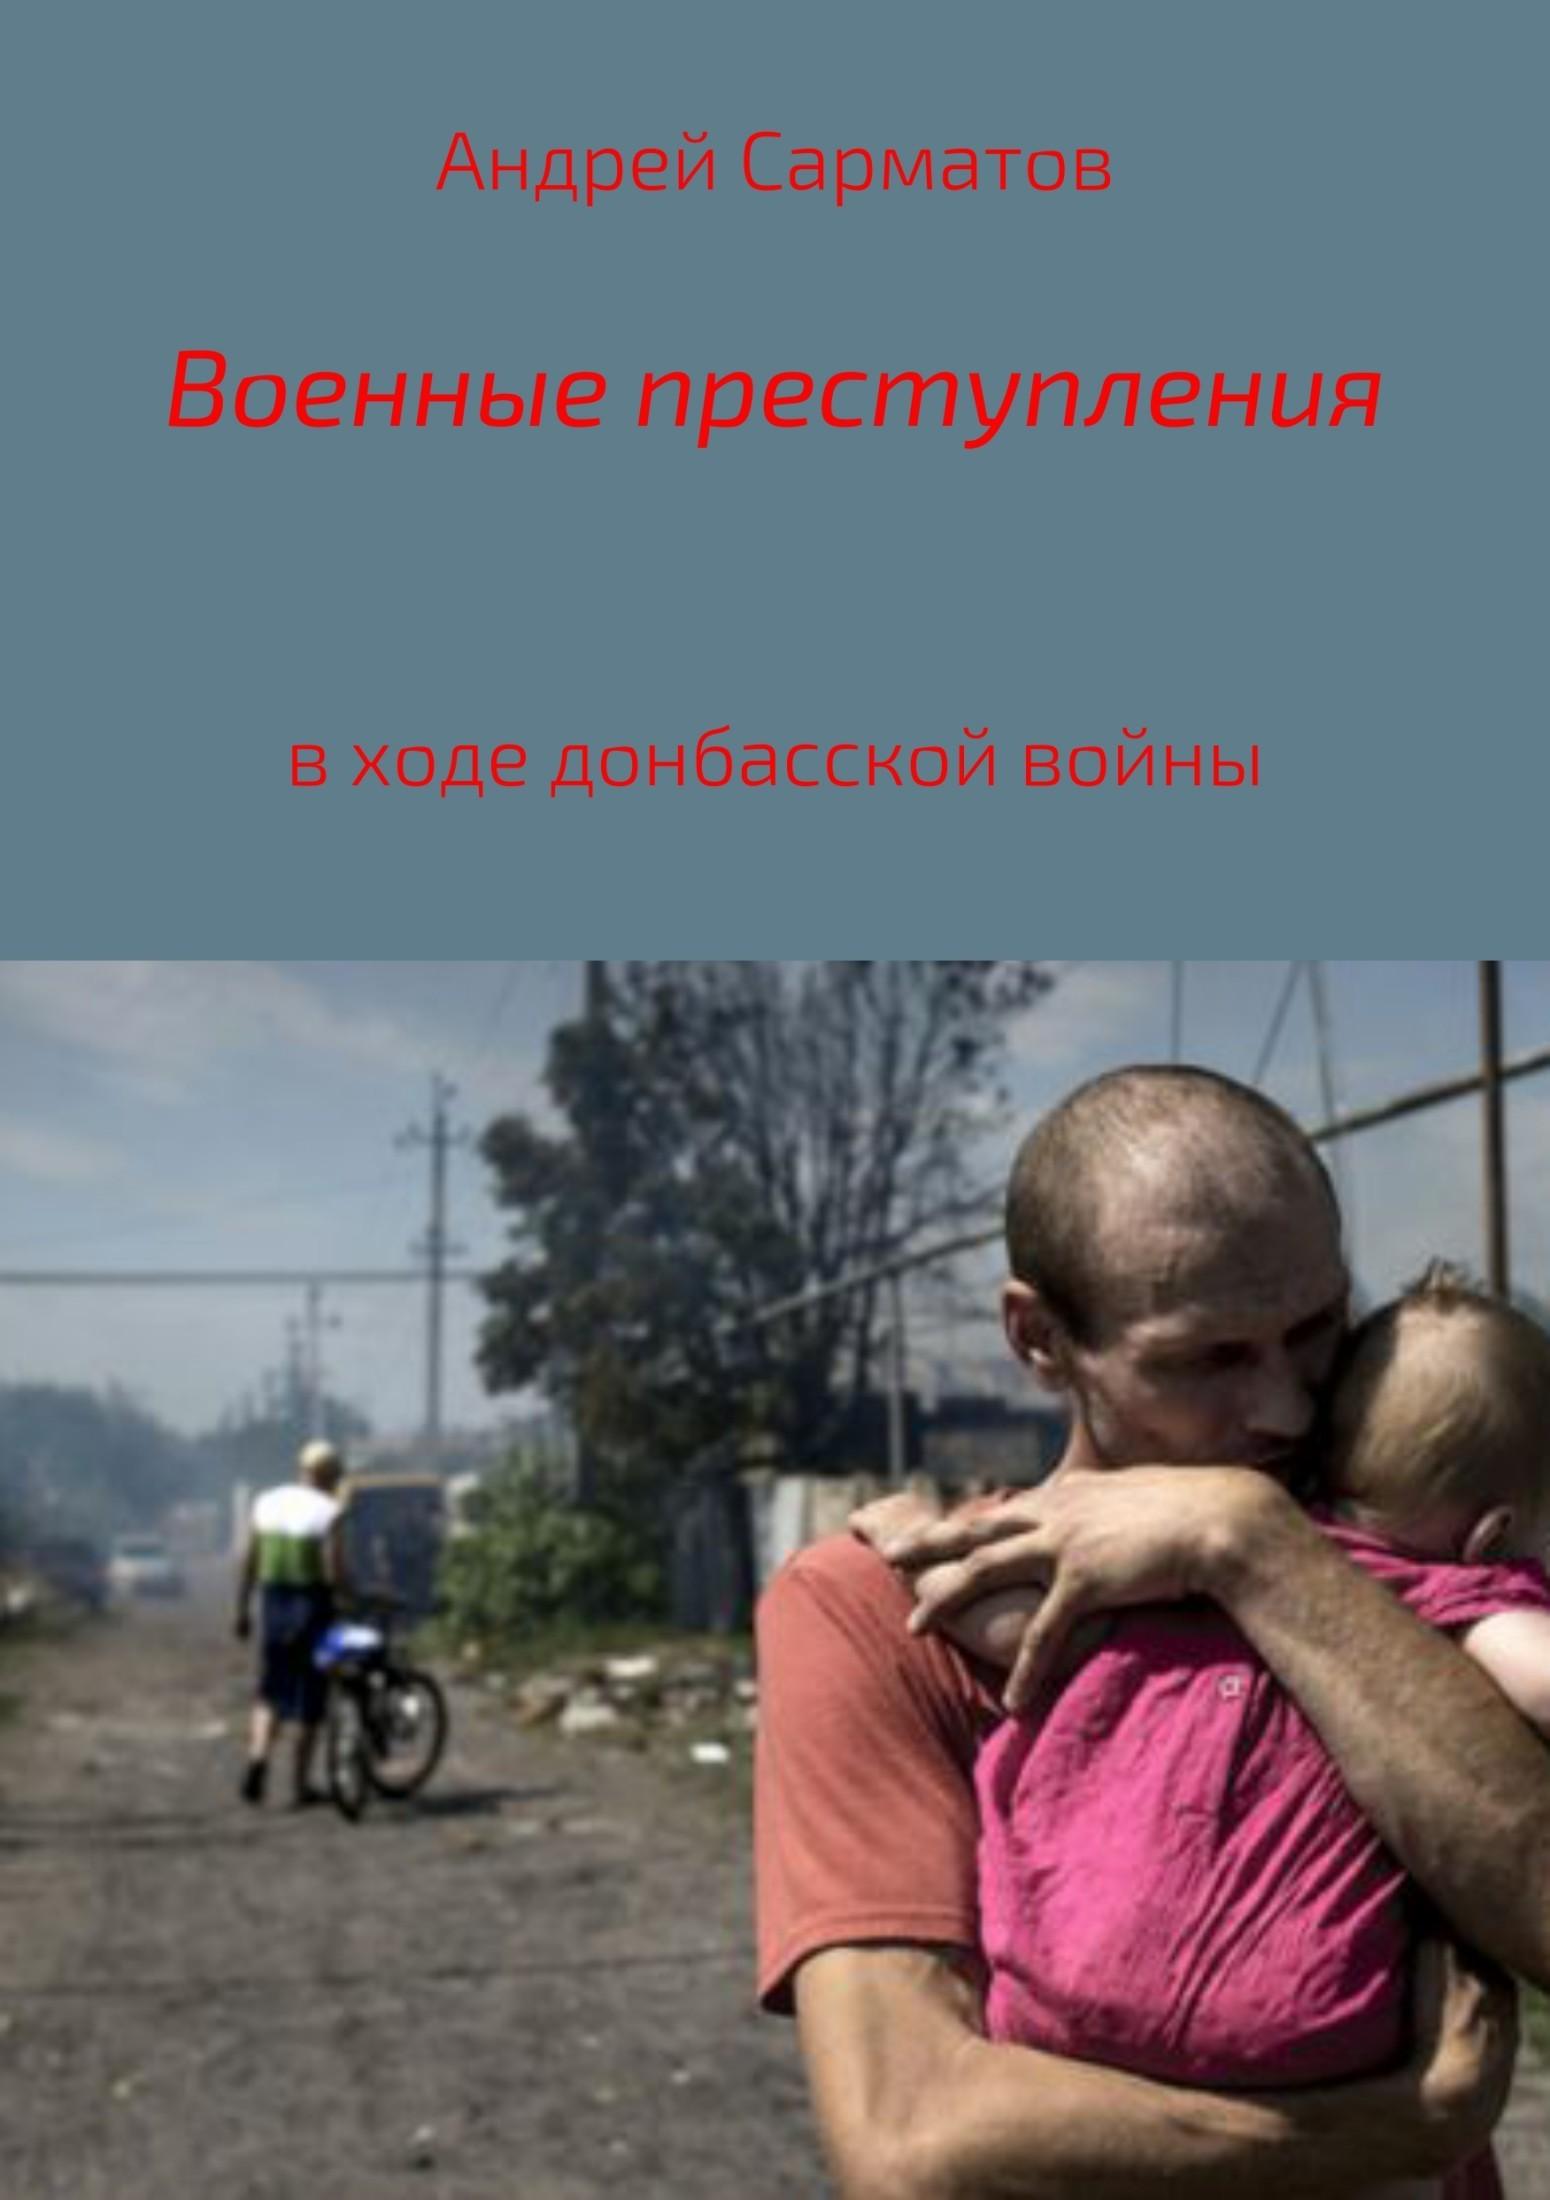 Андрей Сарматов - Военные преступления в ходе донбасской войны